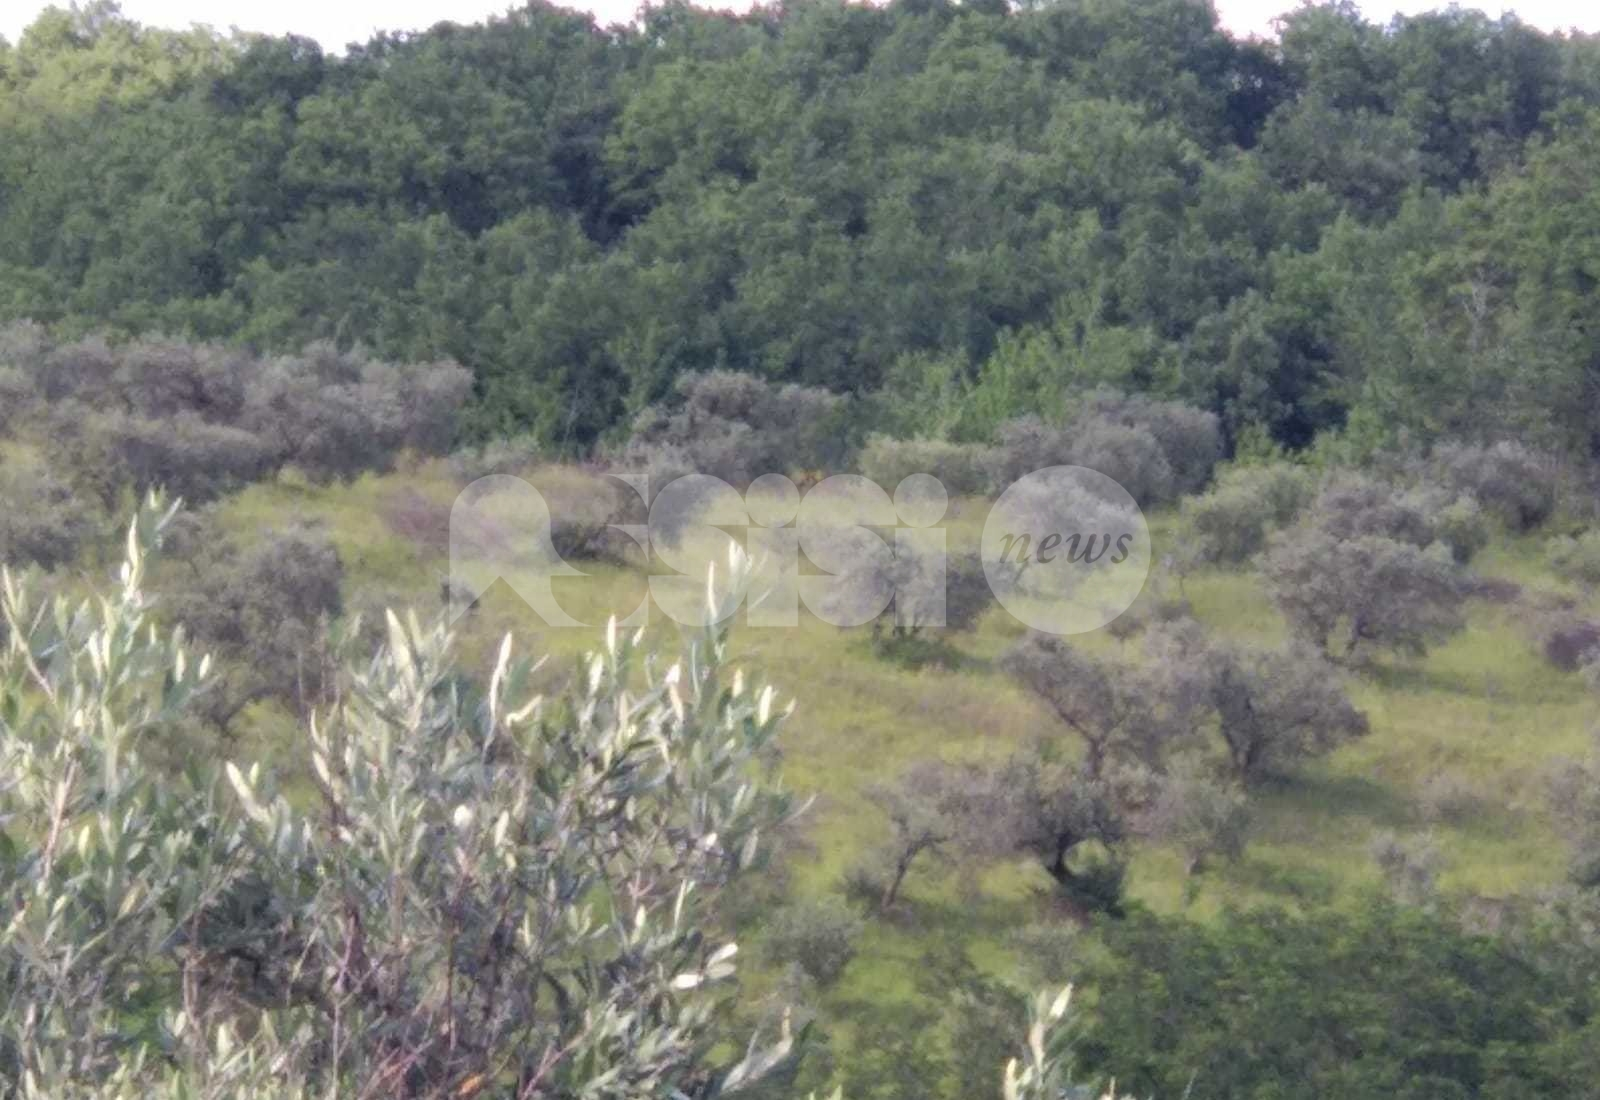 Zona di caccia a San Gregorio, le precisazioni della Società Agricola Tarisha Srl